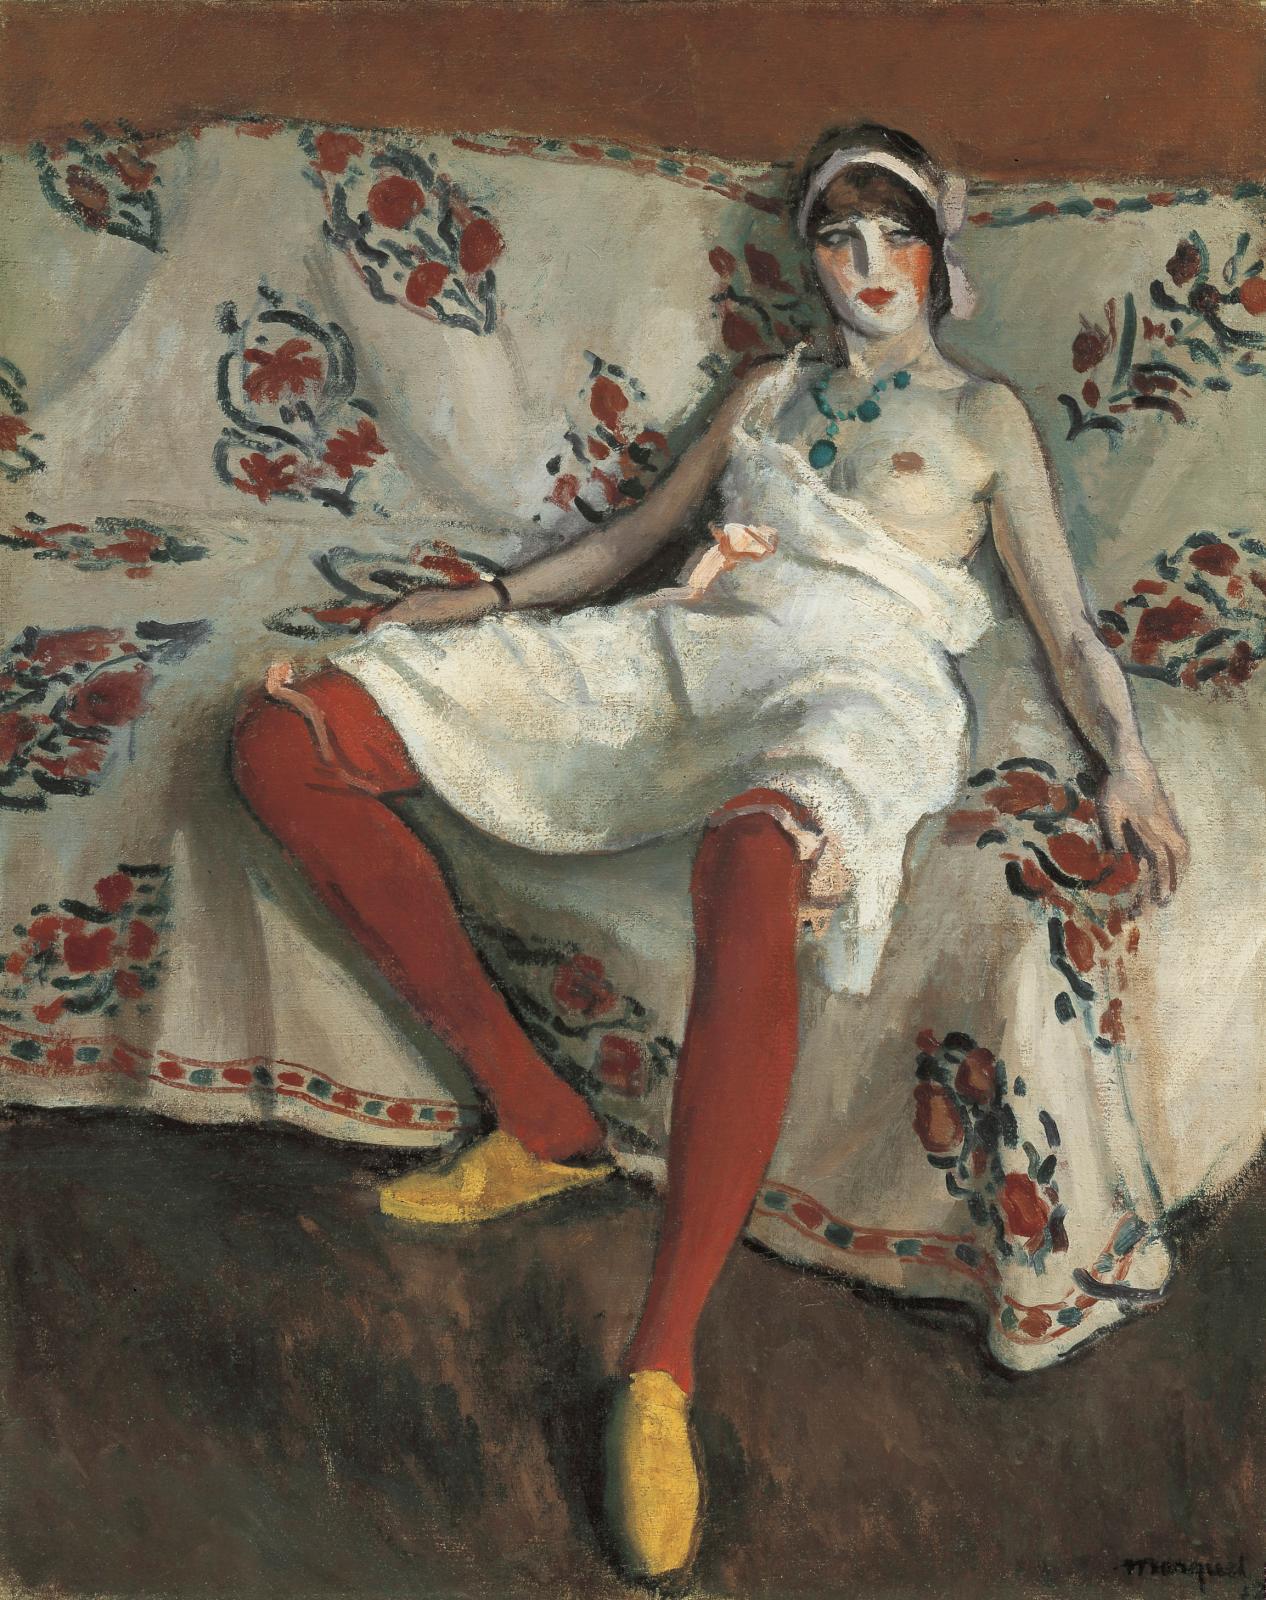 Albert Marquet (1875-1947), Les Bas rouges, 1912, huile sur toile, 81,3x65cm. ©Droits réservés